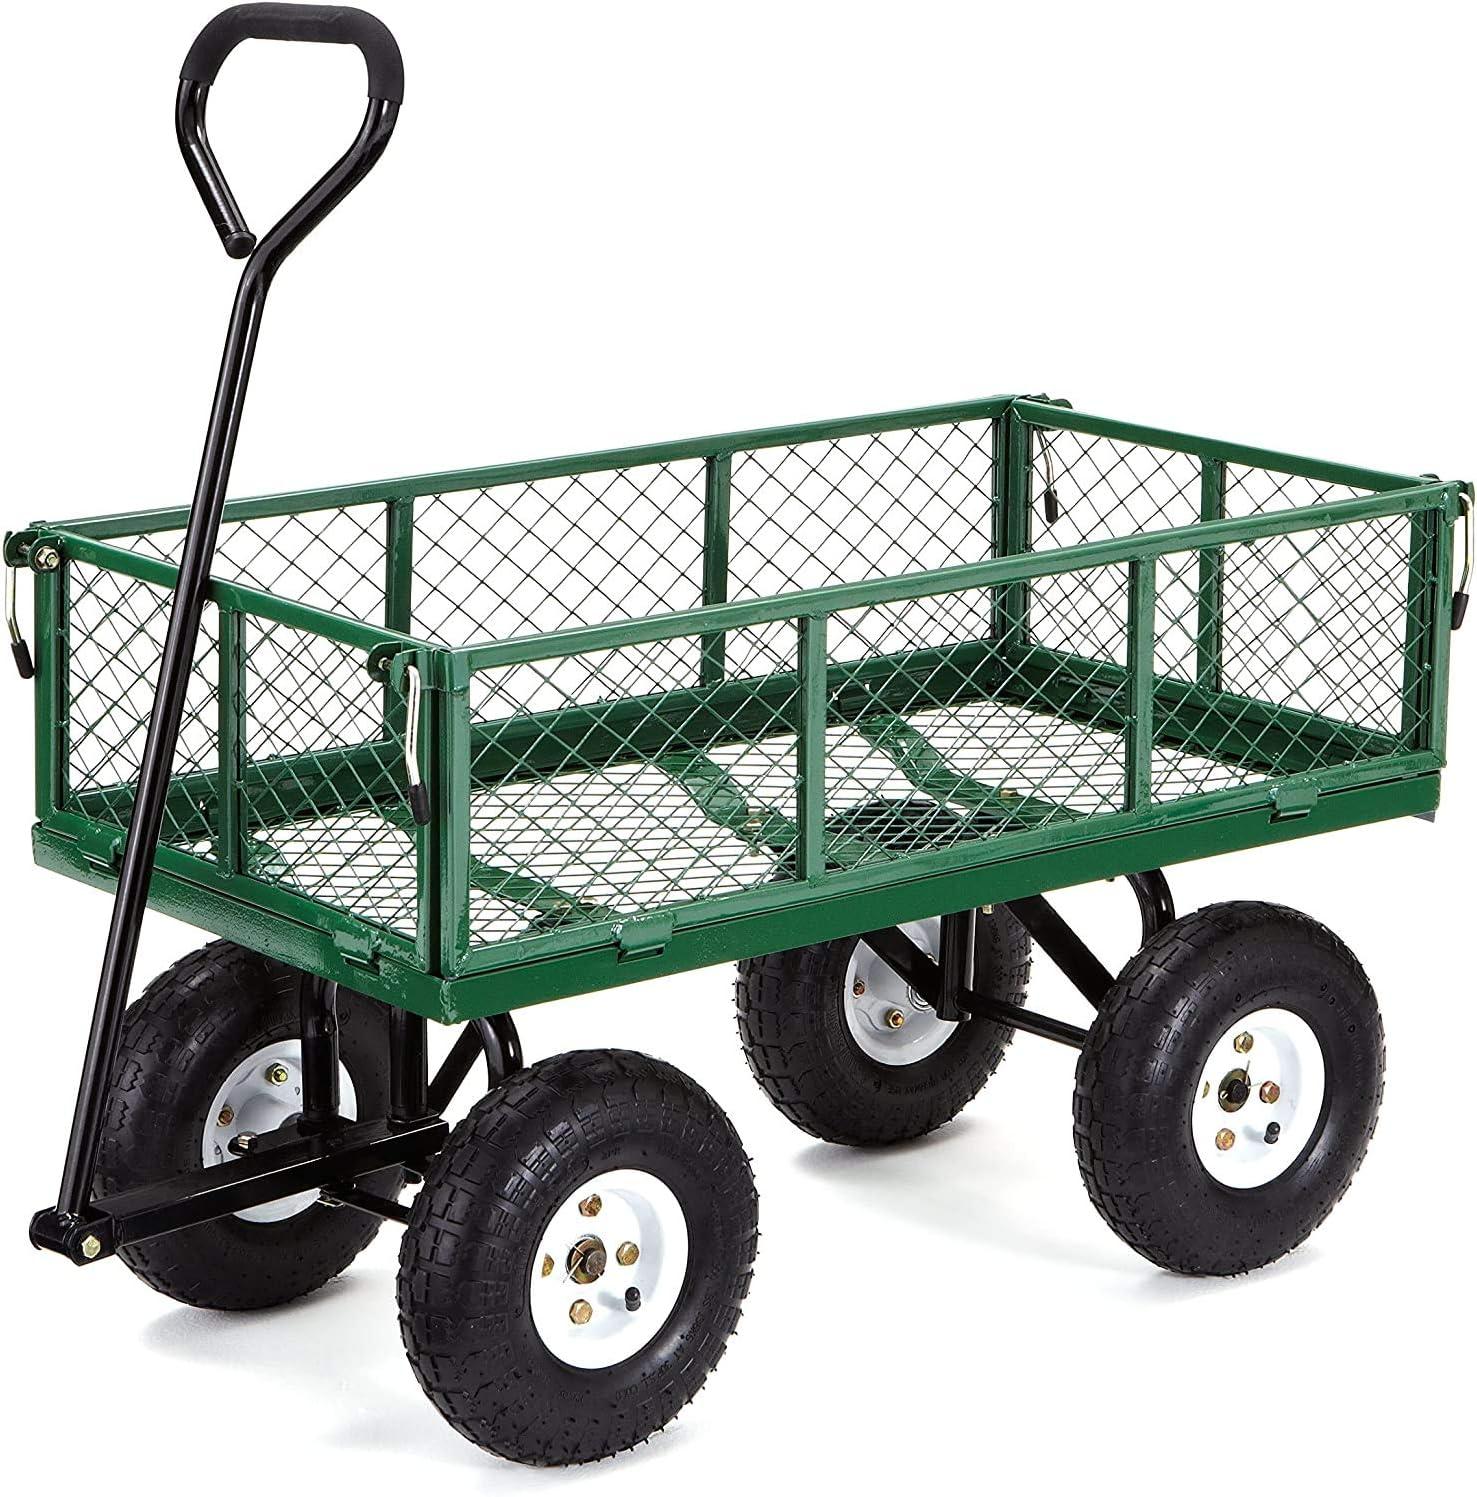 Gorilla Carts GOR400-COM Steel Garden Cart with Removable Sides, 400-lbs. Capacity, Green : Patio, Lawn & Garden